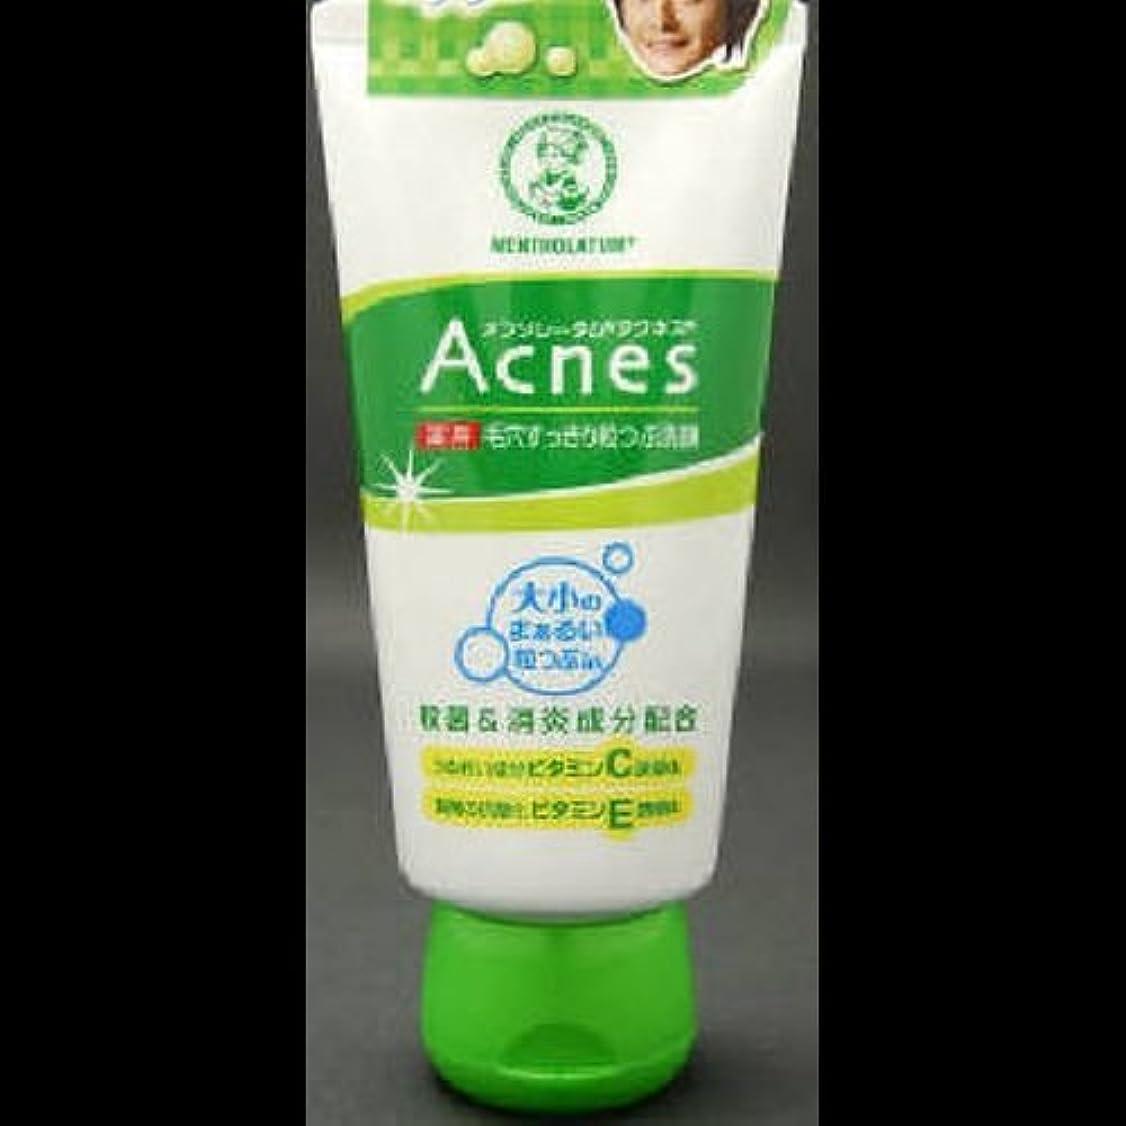 厳しい膜フェード【まとめ買い】メンソレータム アクネス 薬用 毛穴 すっきり 粒つぶ 洗顔 ×2セット